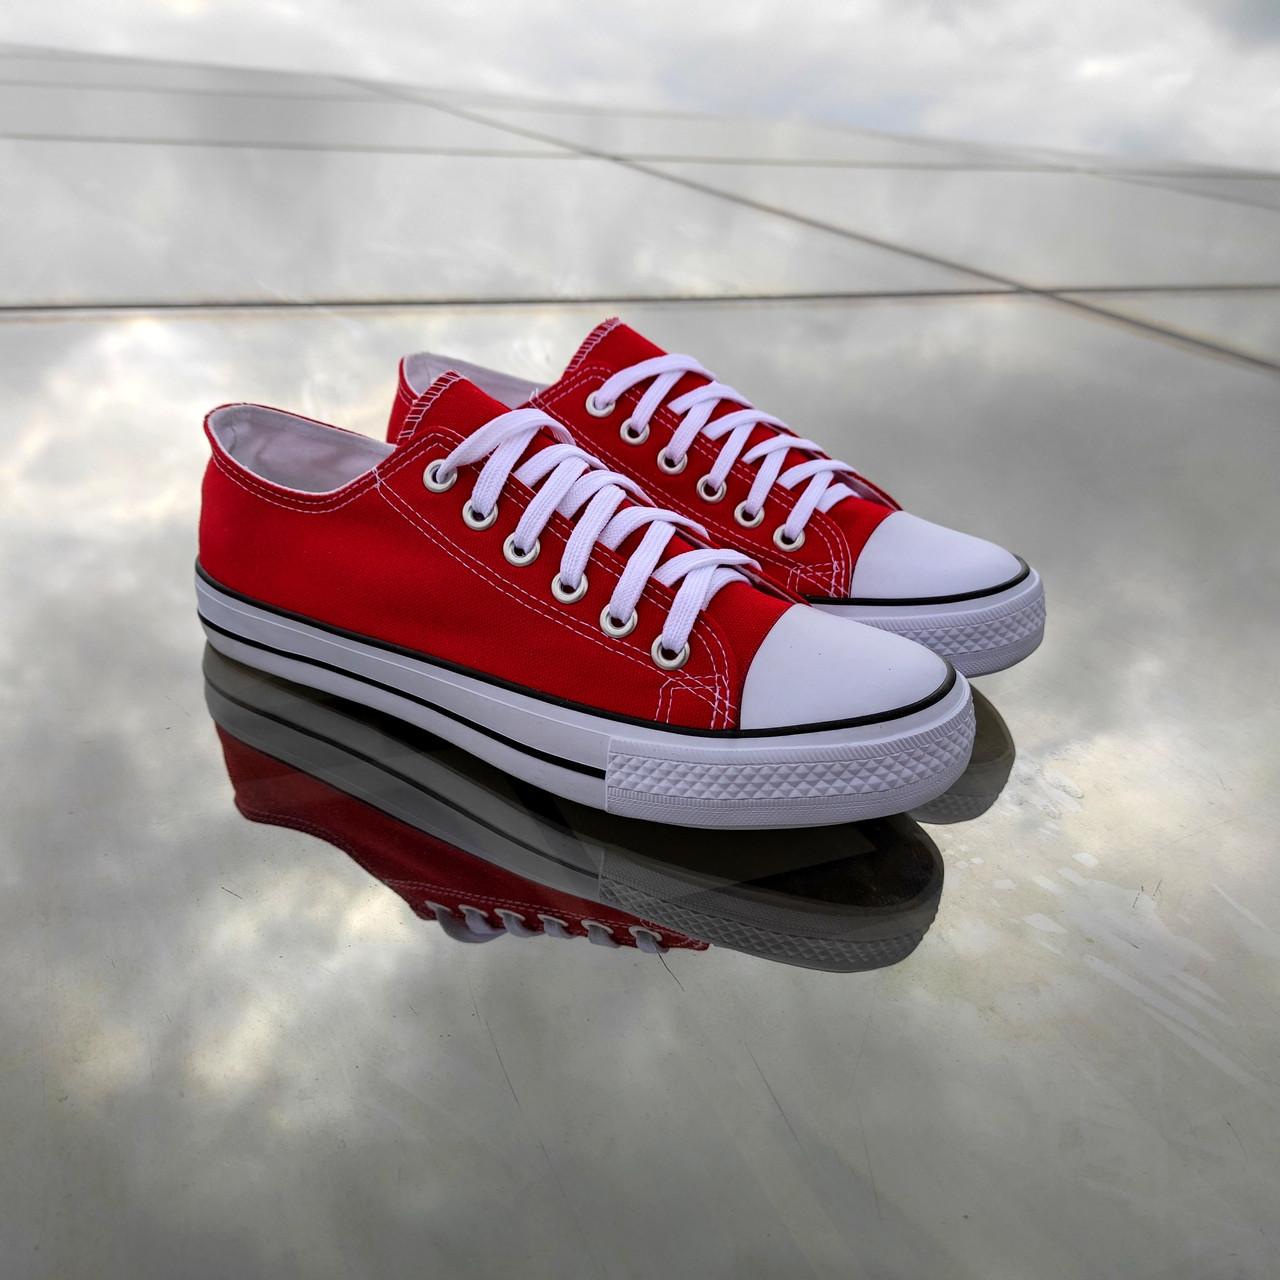 Красные женские кеды конверсы на белой подошве converse летние тканевые кроссовки